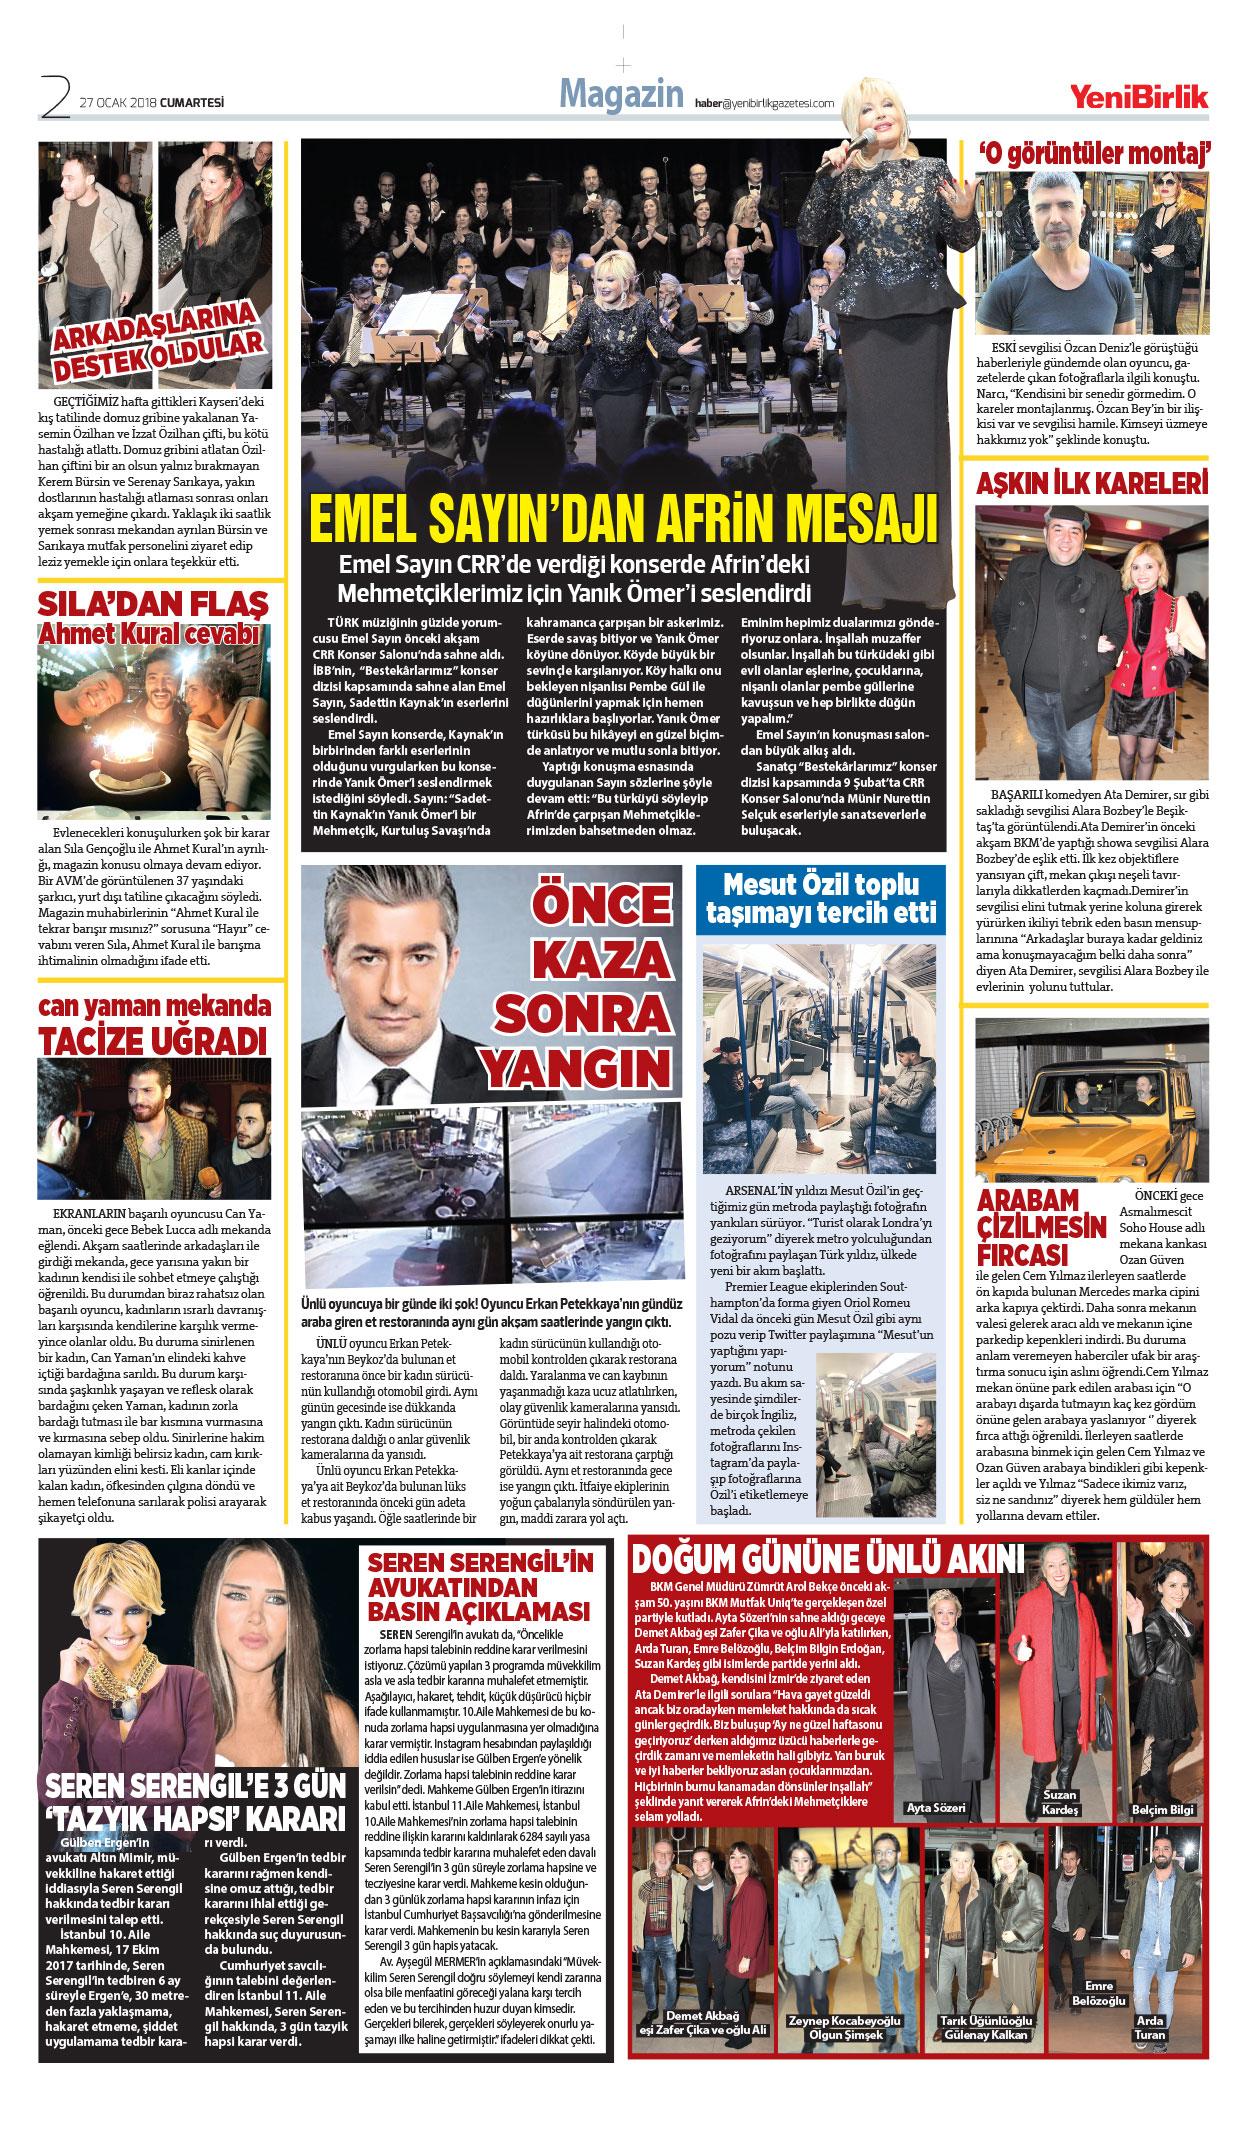 Dr. Mehmet Öz'den zayıflatan püf noktalar 37